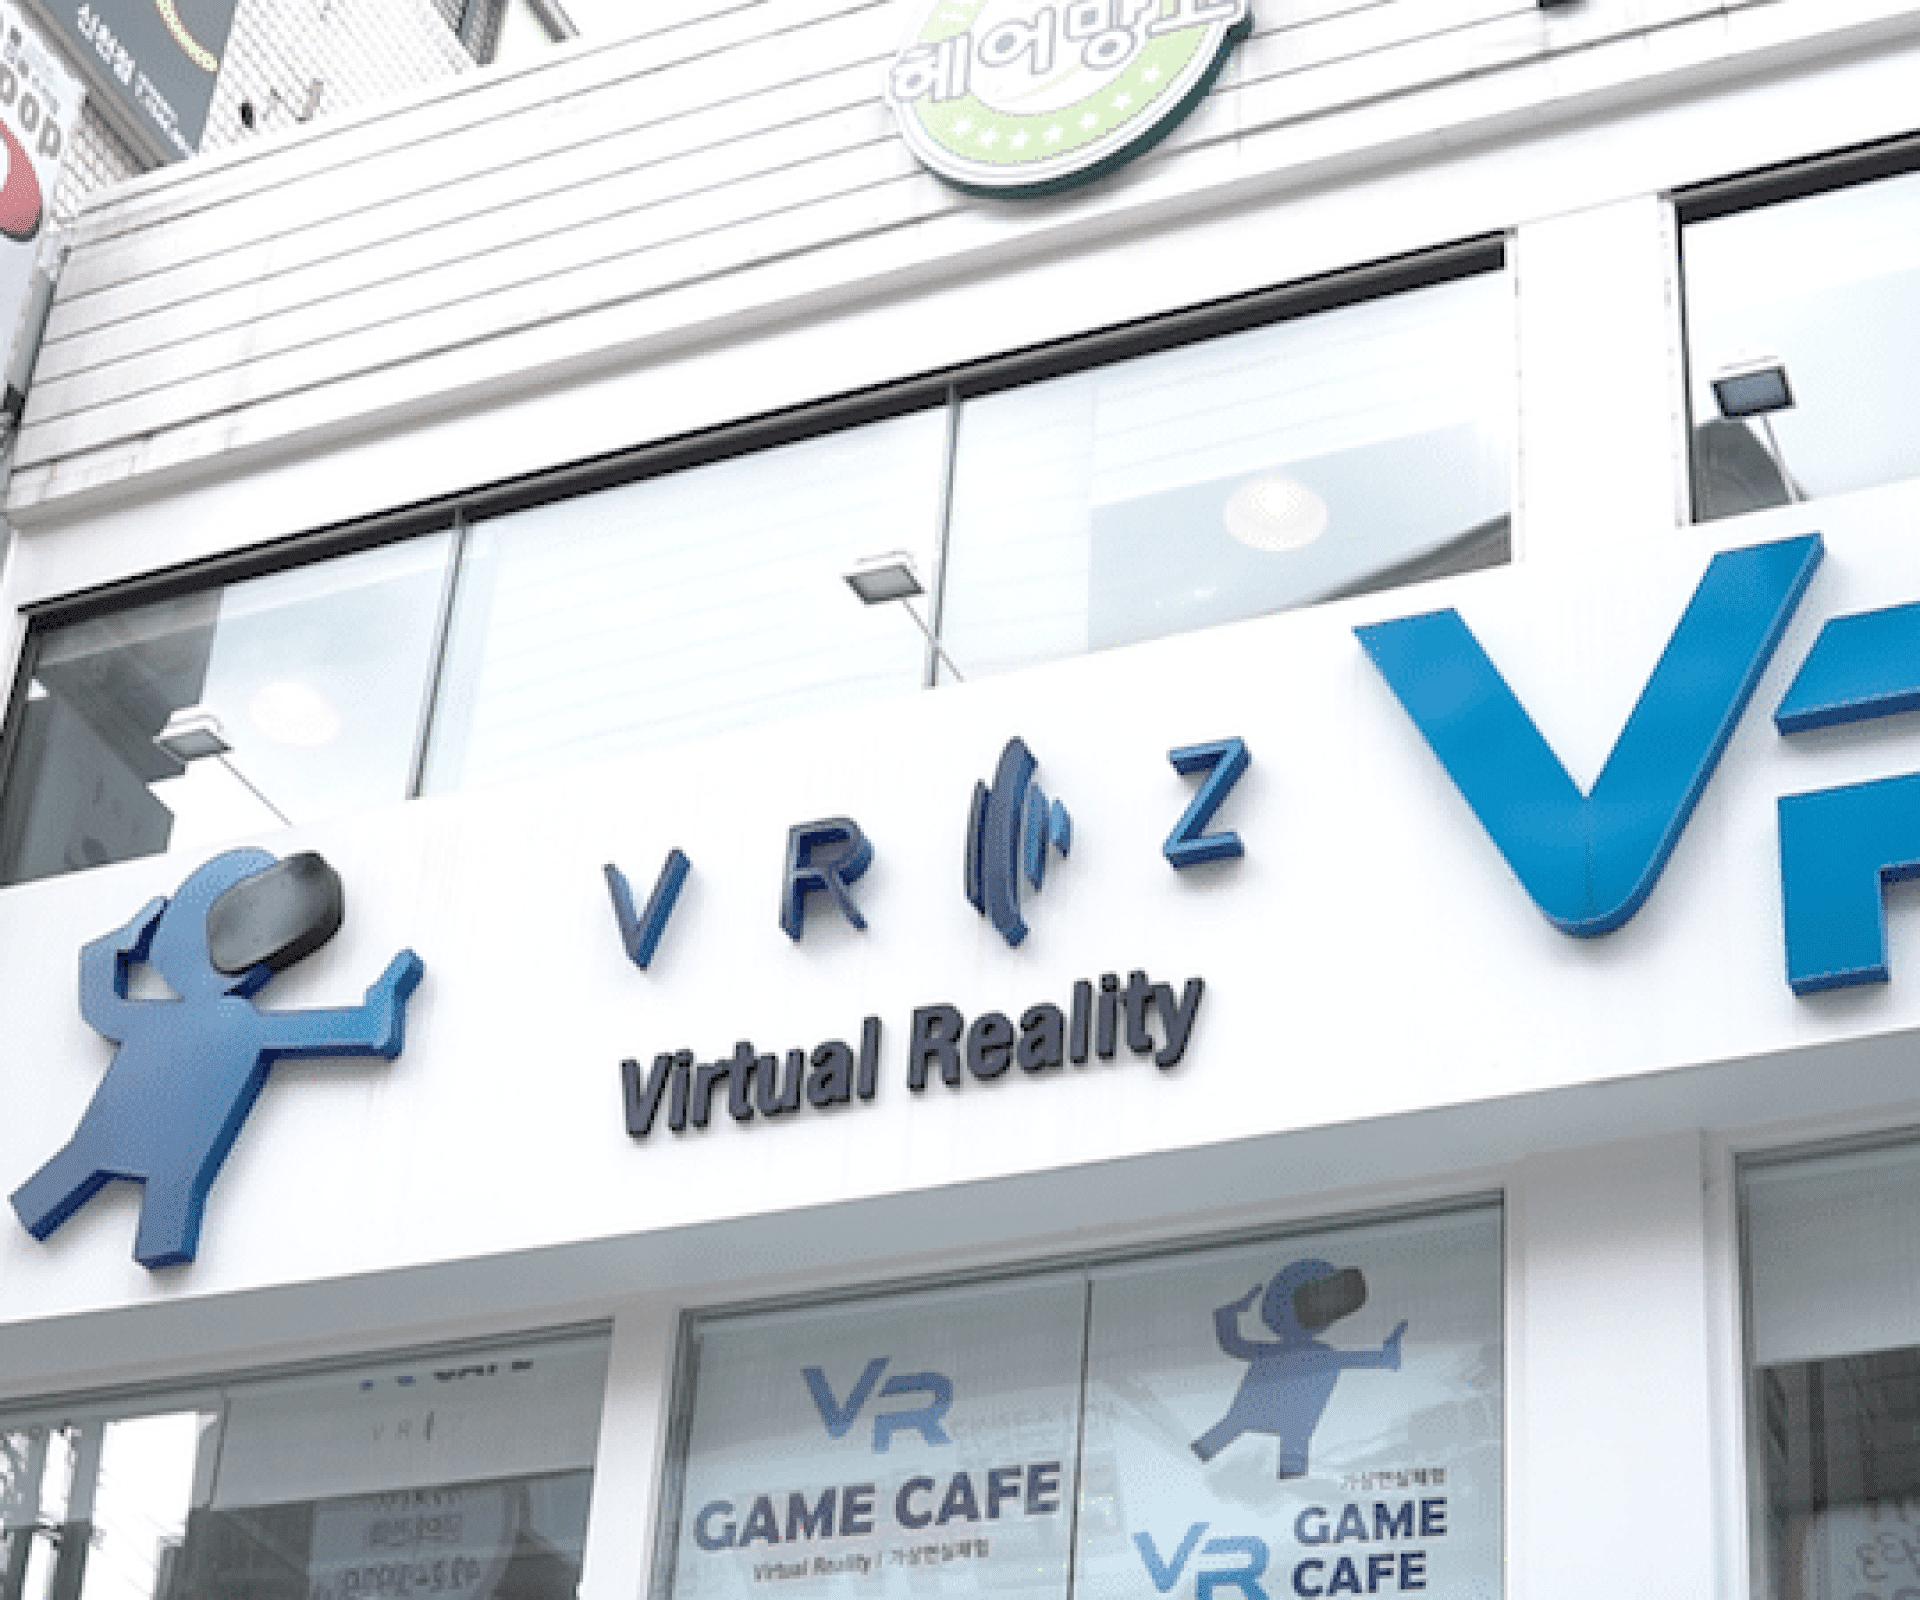 VRIZ VR Cafe | Mapo-gu, Seoul